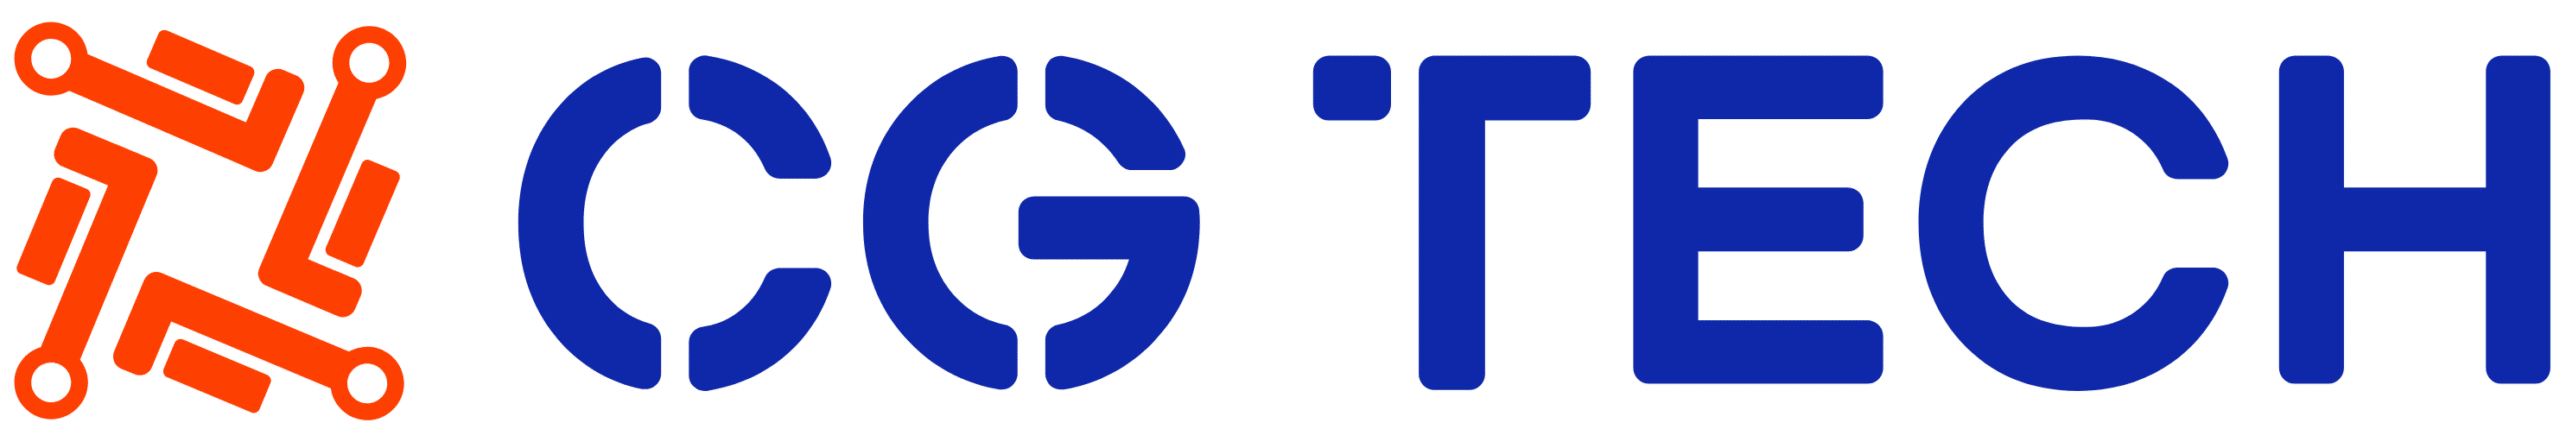 CG Tech